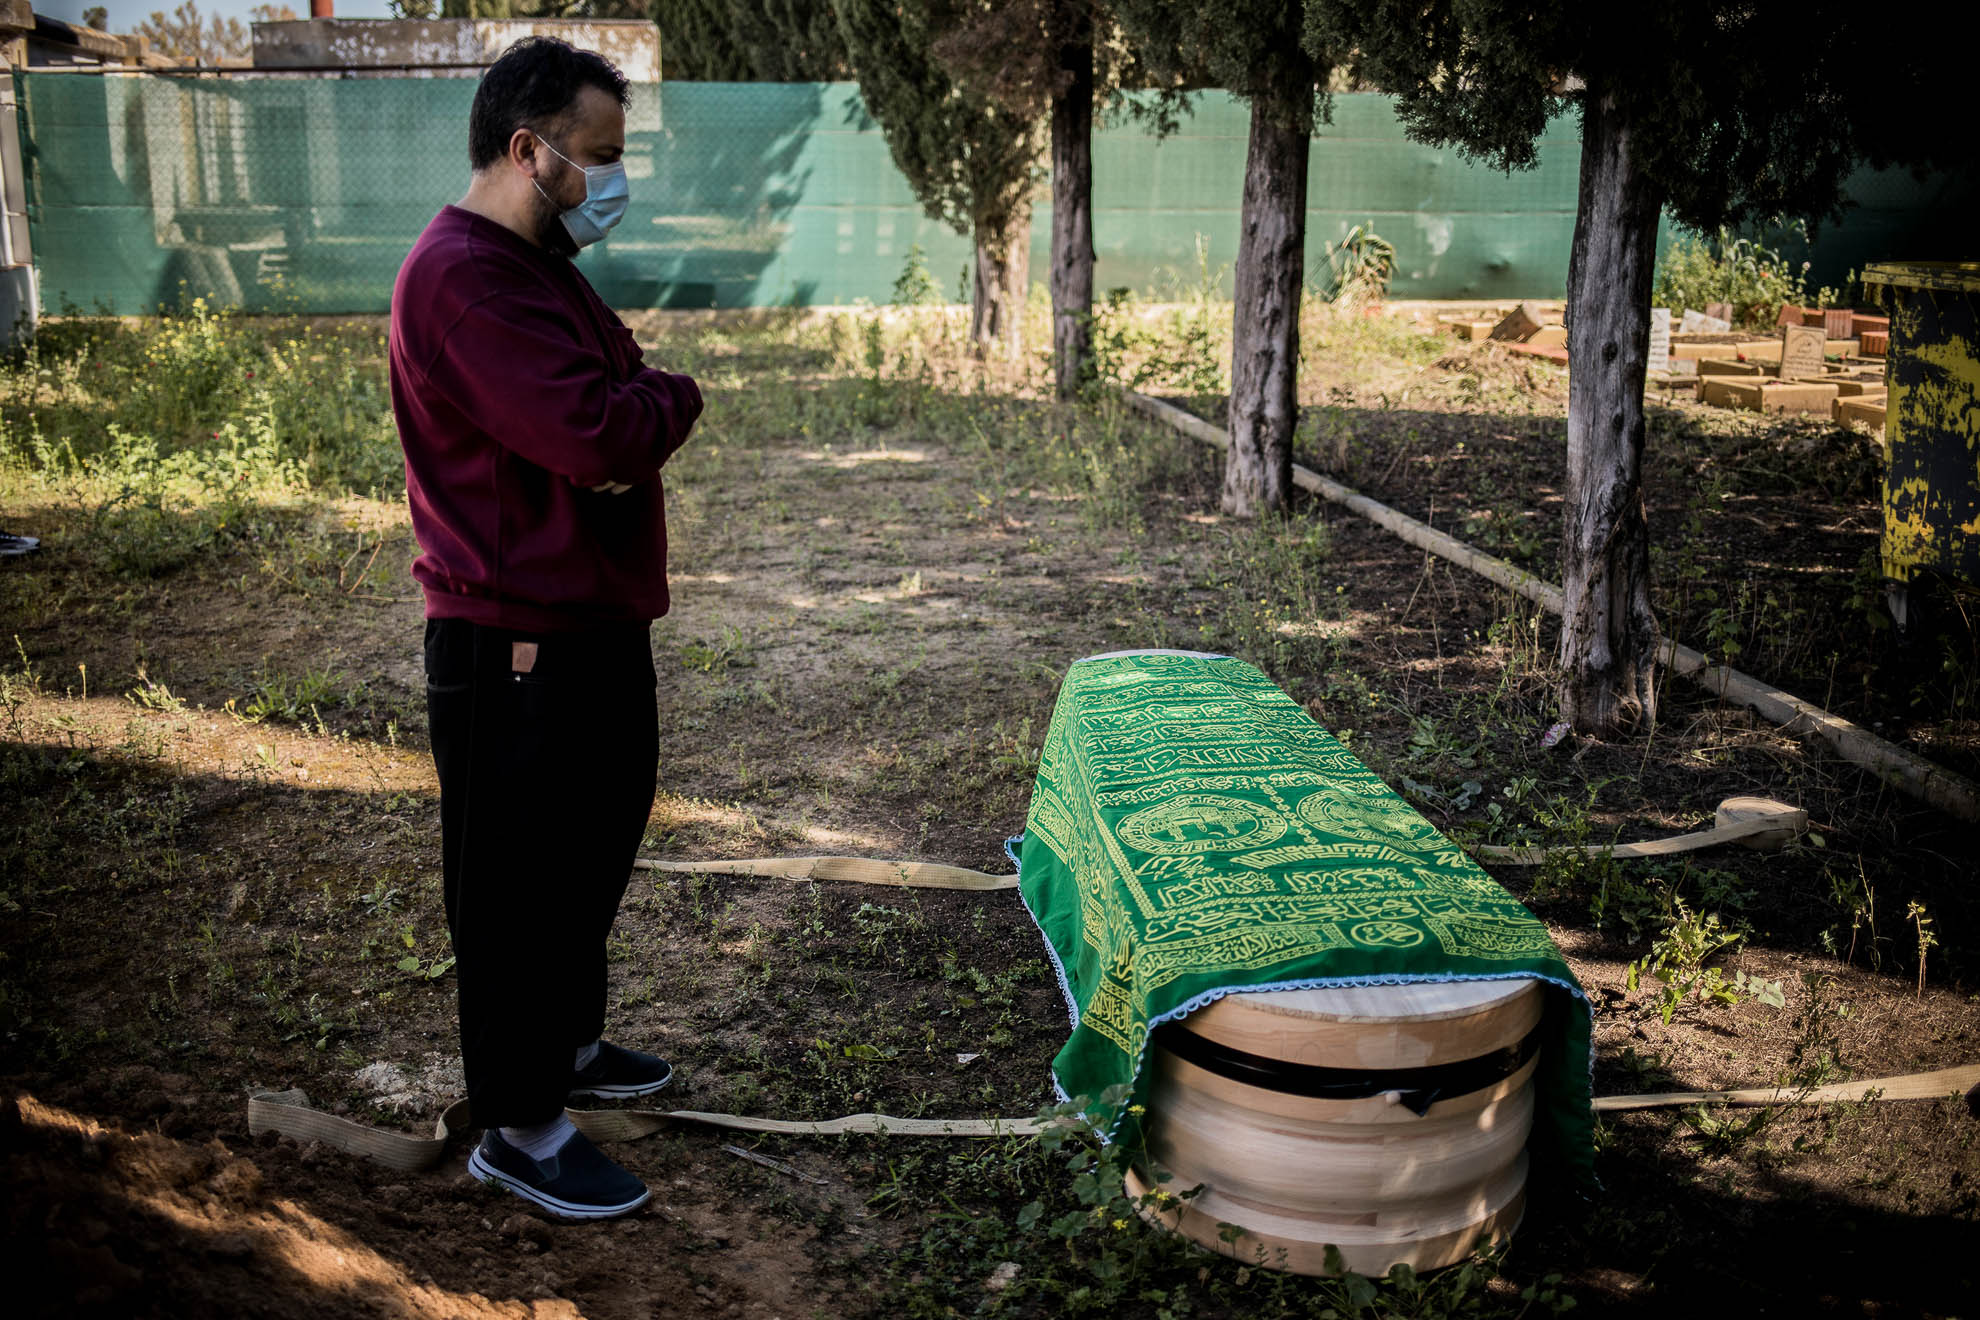 Ibrahim Elilo, imán en la mezquita de Jerez, reza frente al ataúd de un varón marroquí de 77 años fallecido a causa del COVID-19 en el cementerio, momentos antes de ser enterrado.